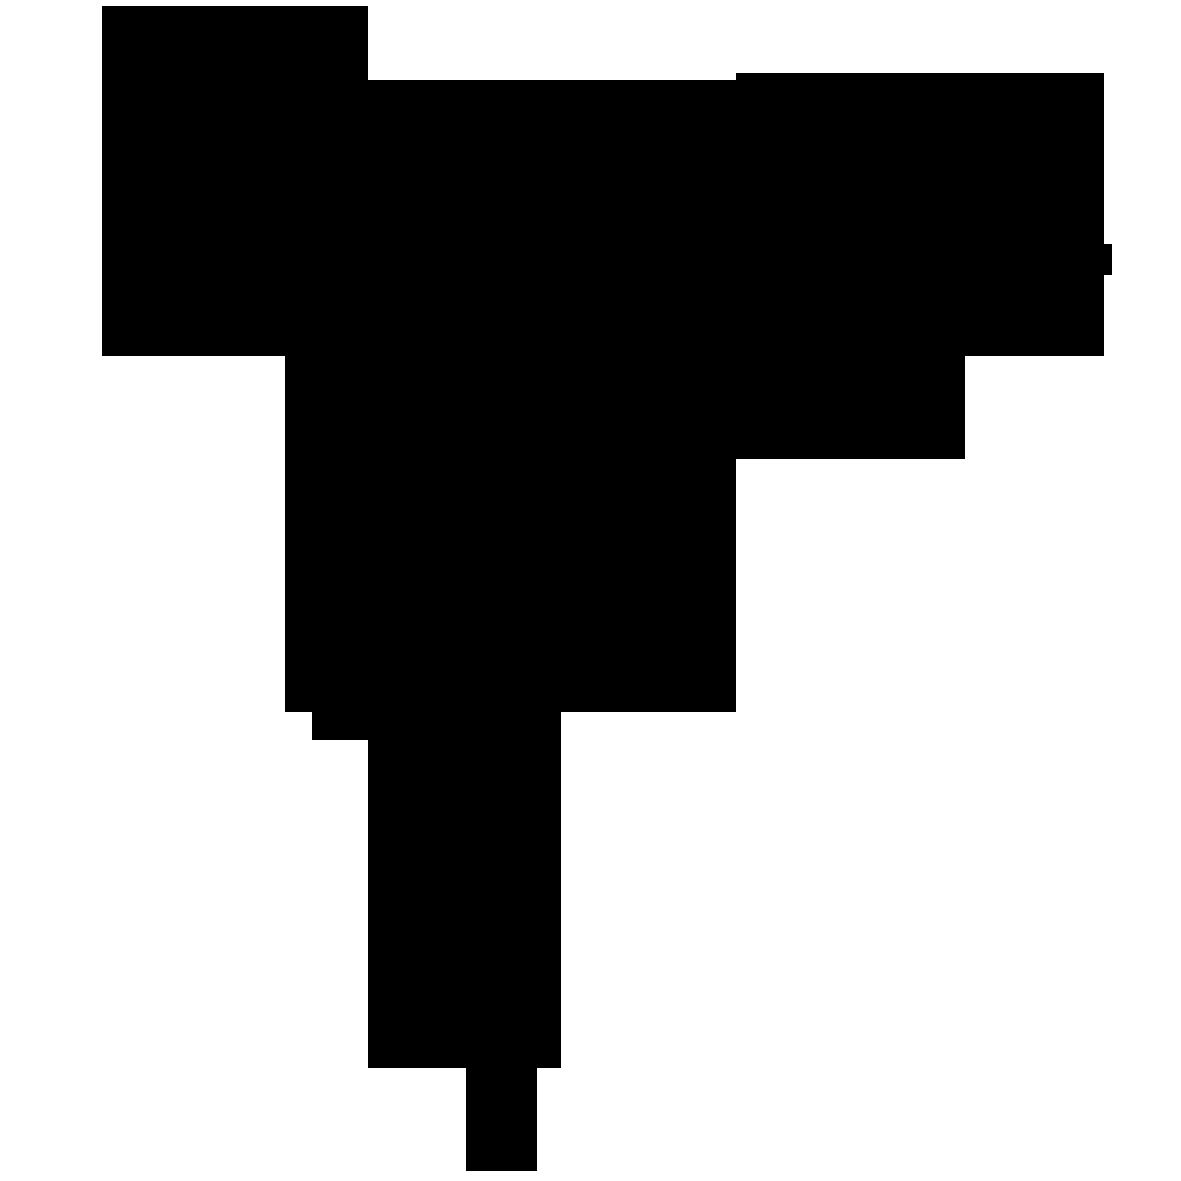 9T467dBbc